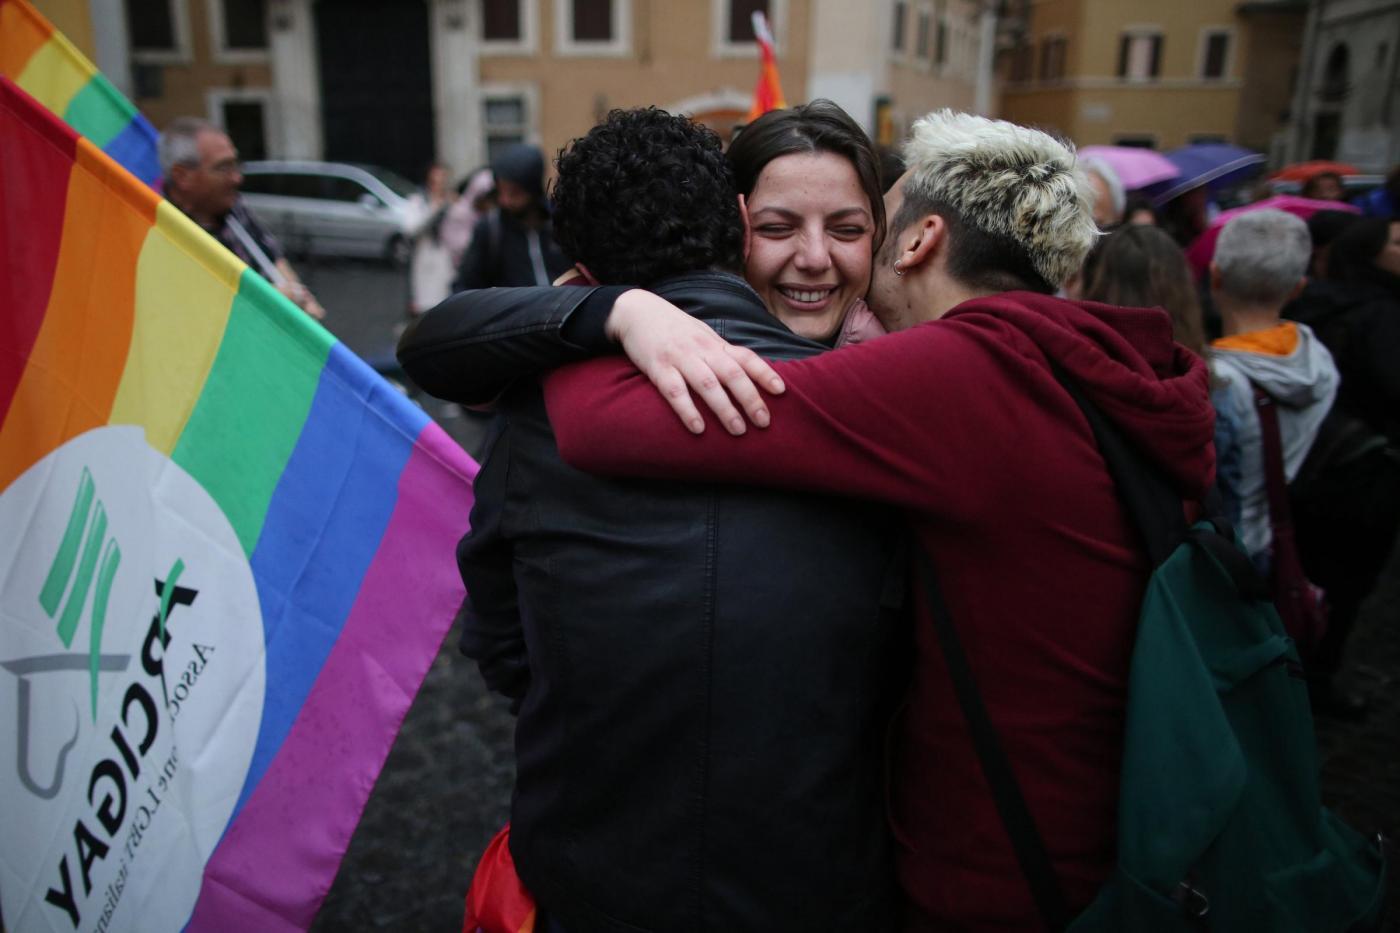 Festeggiamenti per approvazione della legge su Unioni civili a Montecitorio